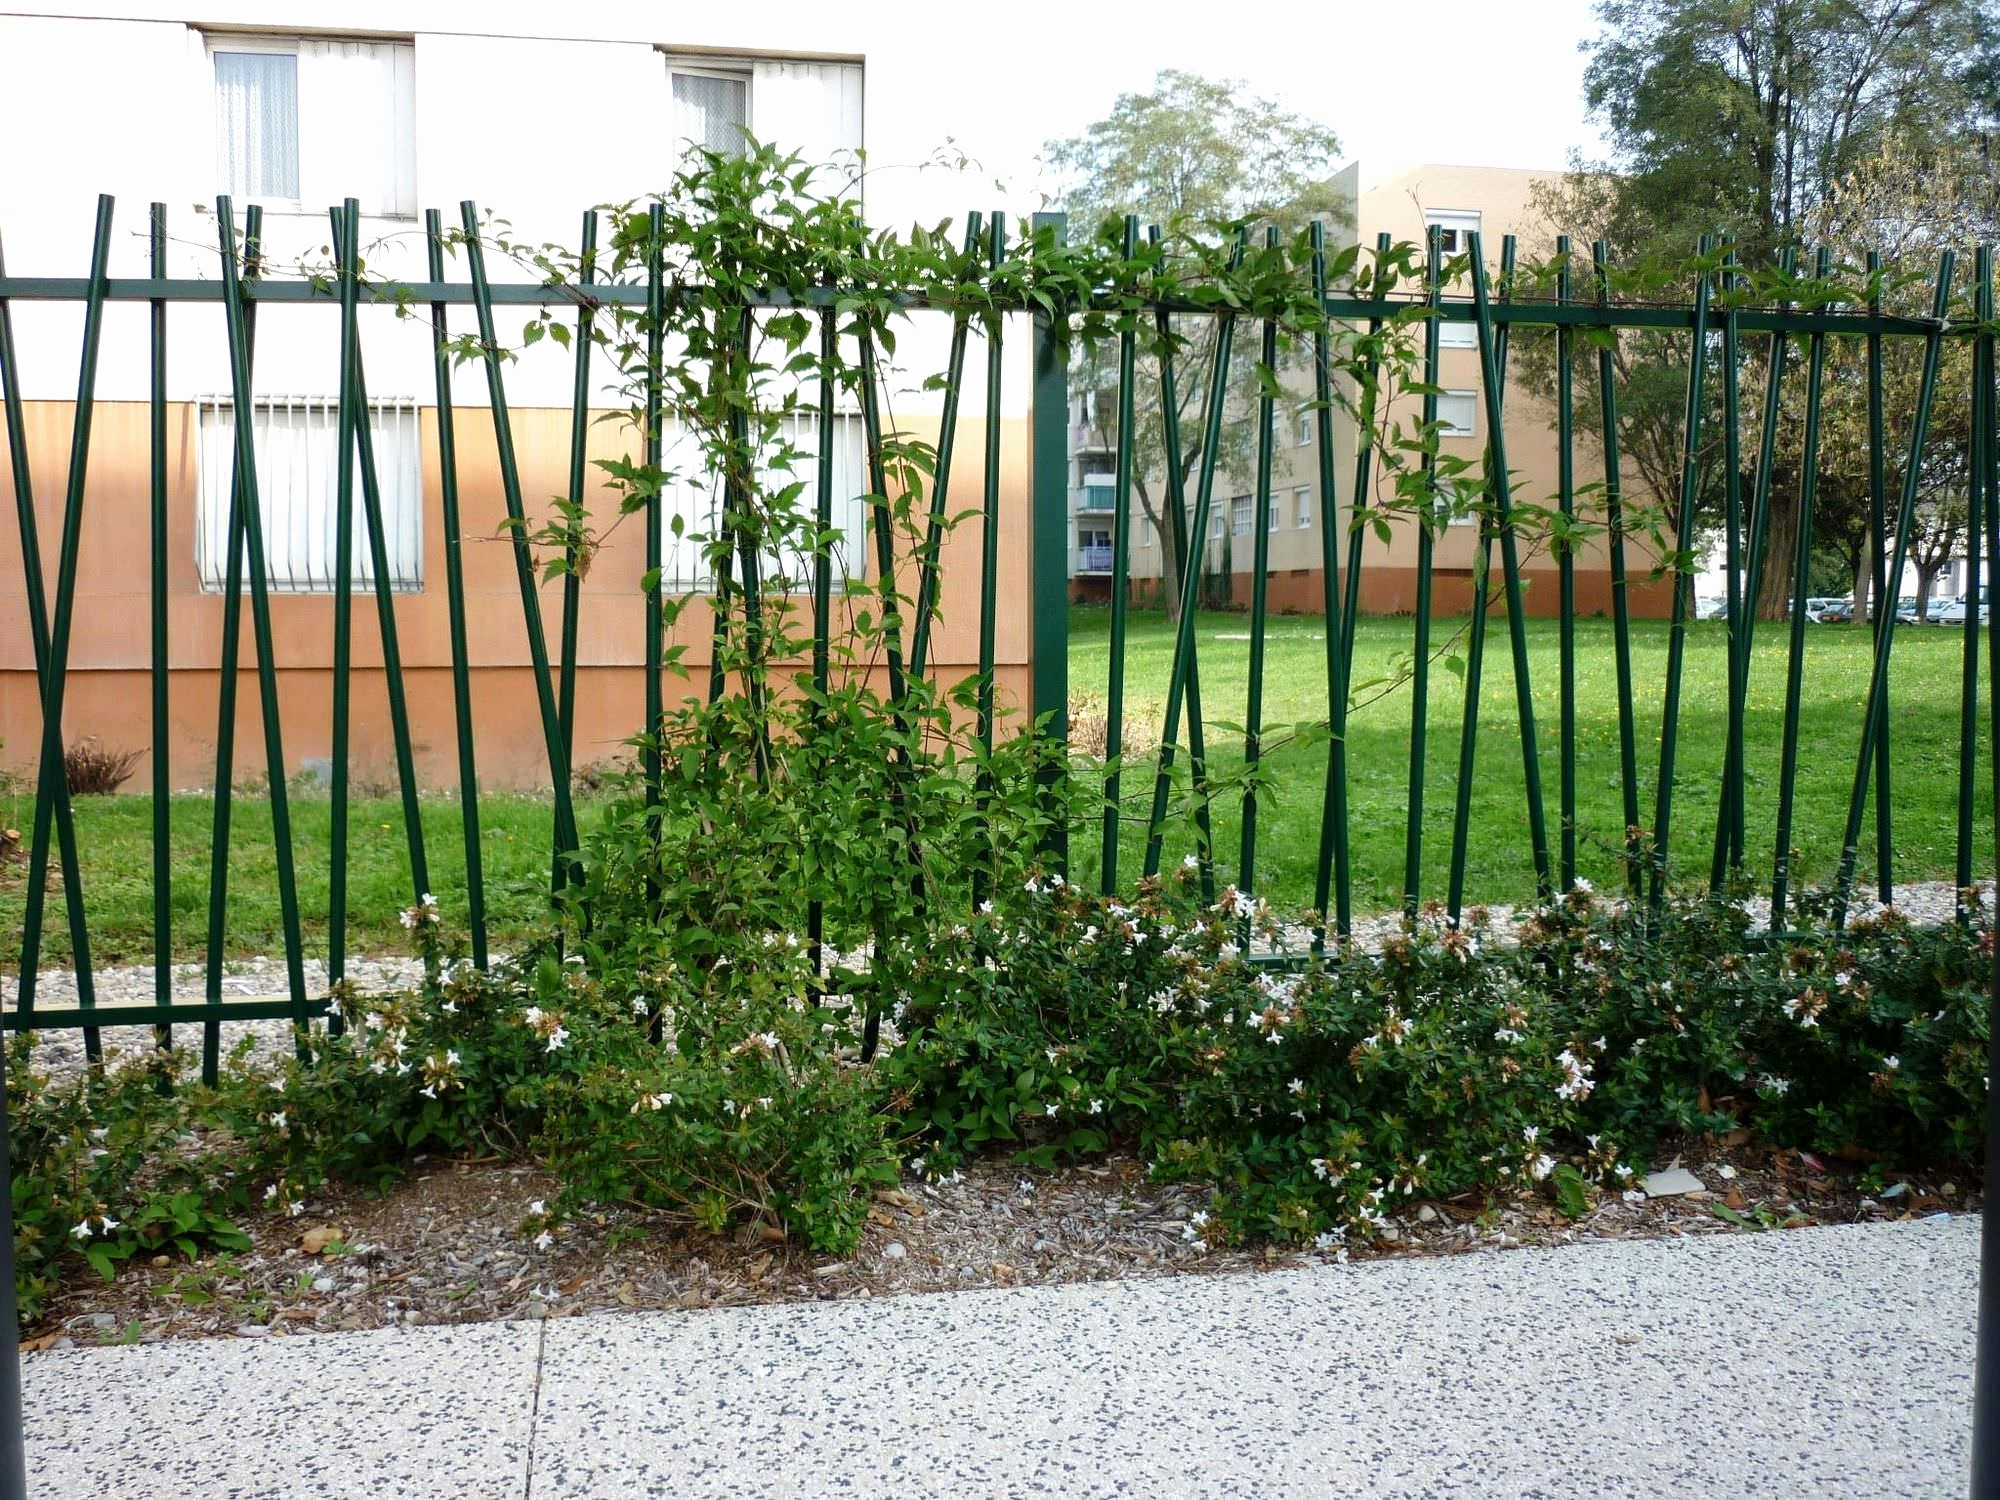 Castorama Bordure Jardin Inspirant Collection Castorama Maison De Jardin Pour Décontractée Cabane De Jardin